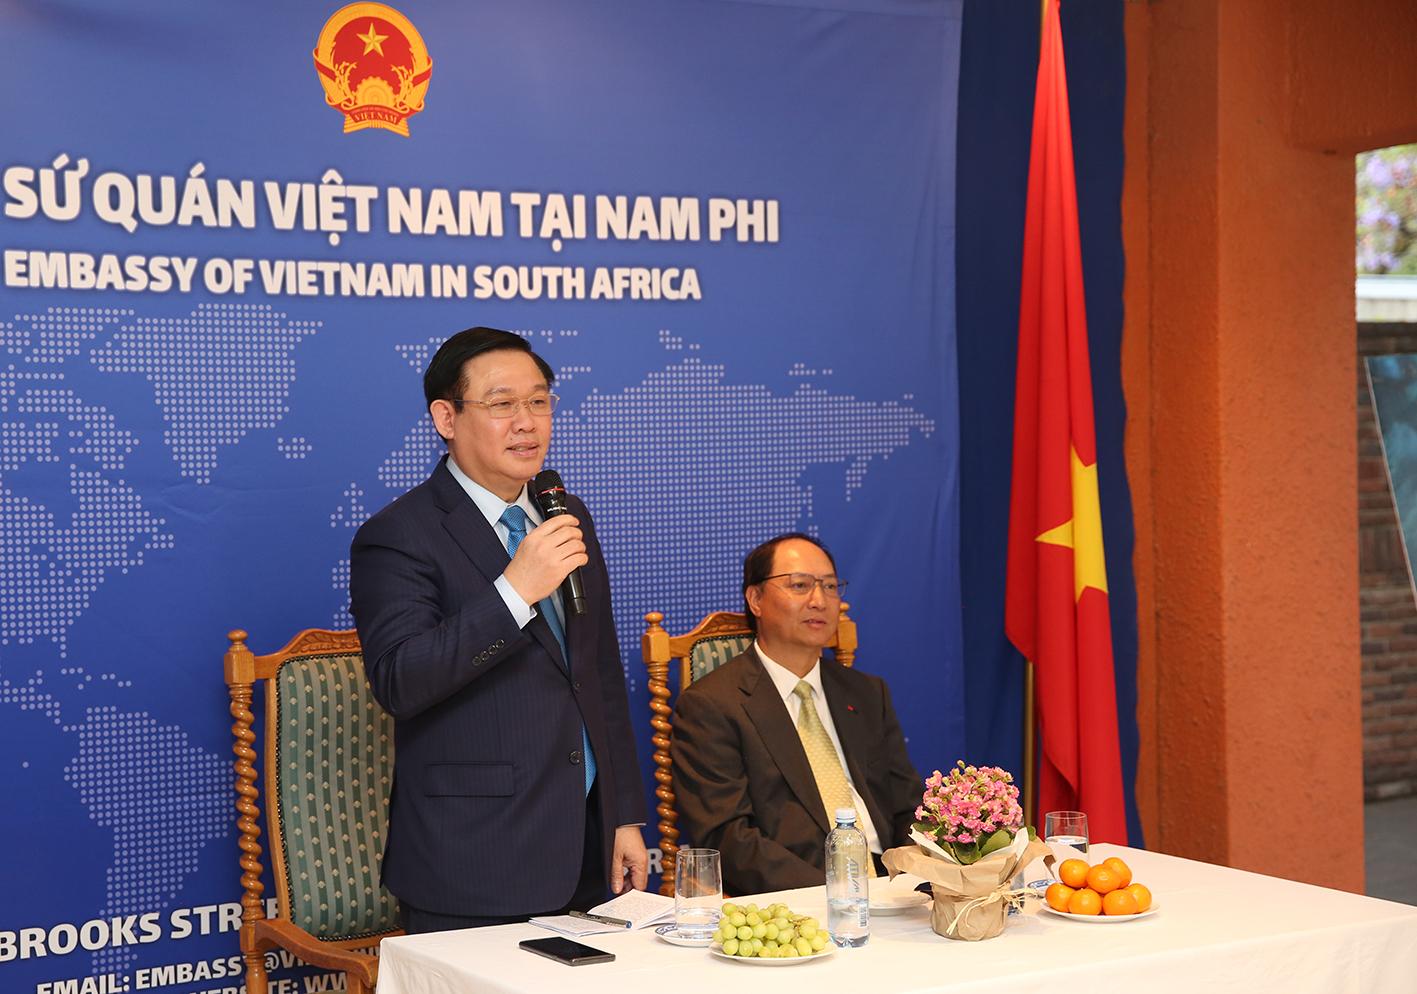 Phó Thủ tướng Vương Đình Huệ gặp gỡ và thăm hỏi cán bộ ngoại giao, kiều bào tại Nam Phi. Ảnh VGP/Thành Chung